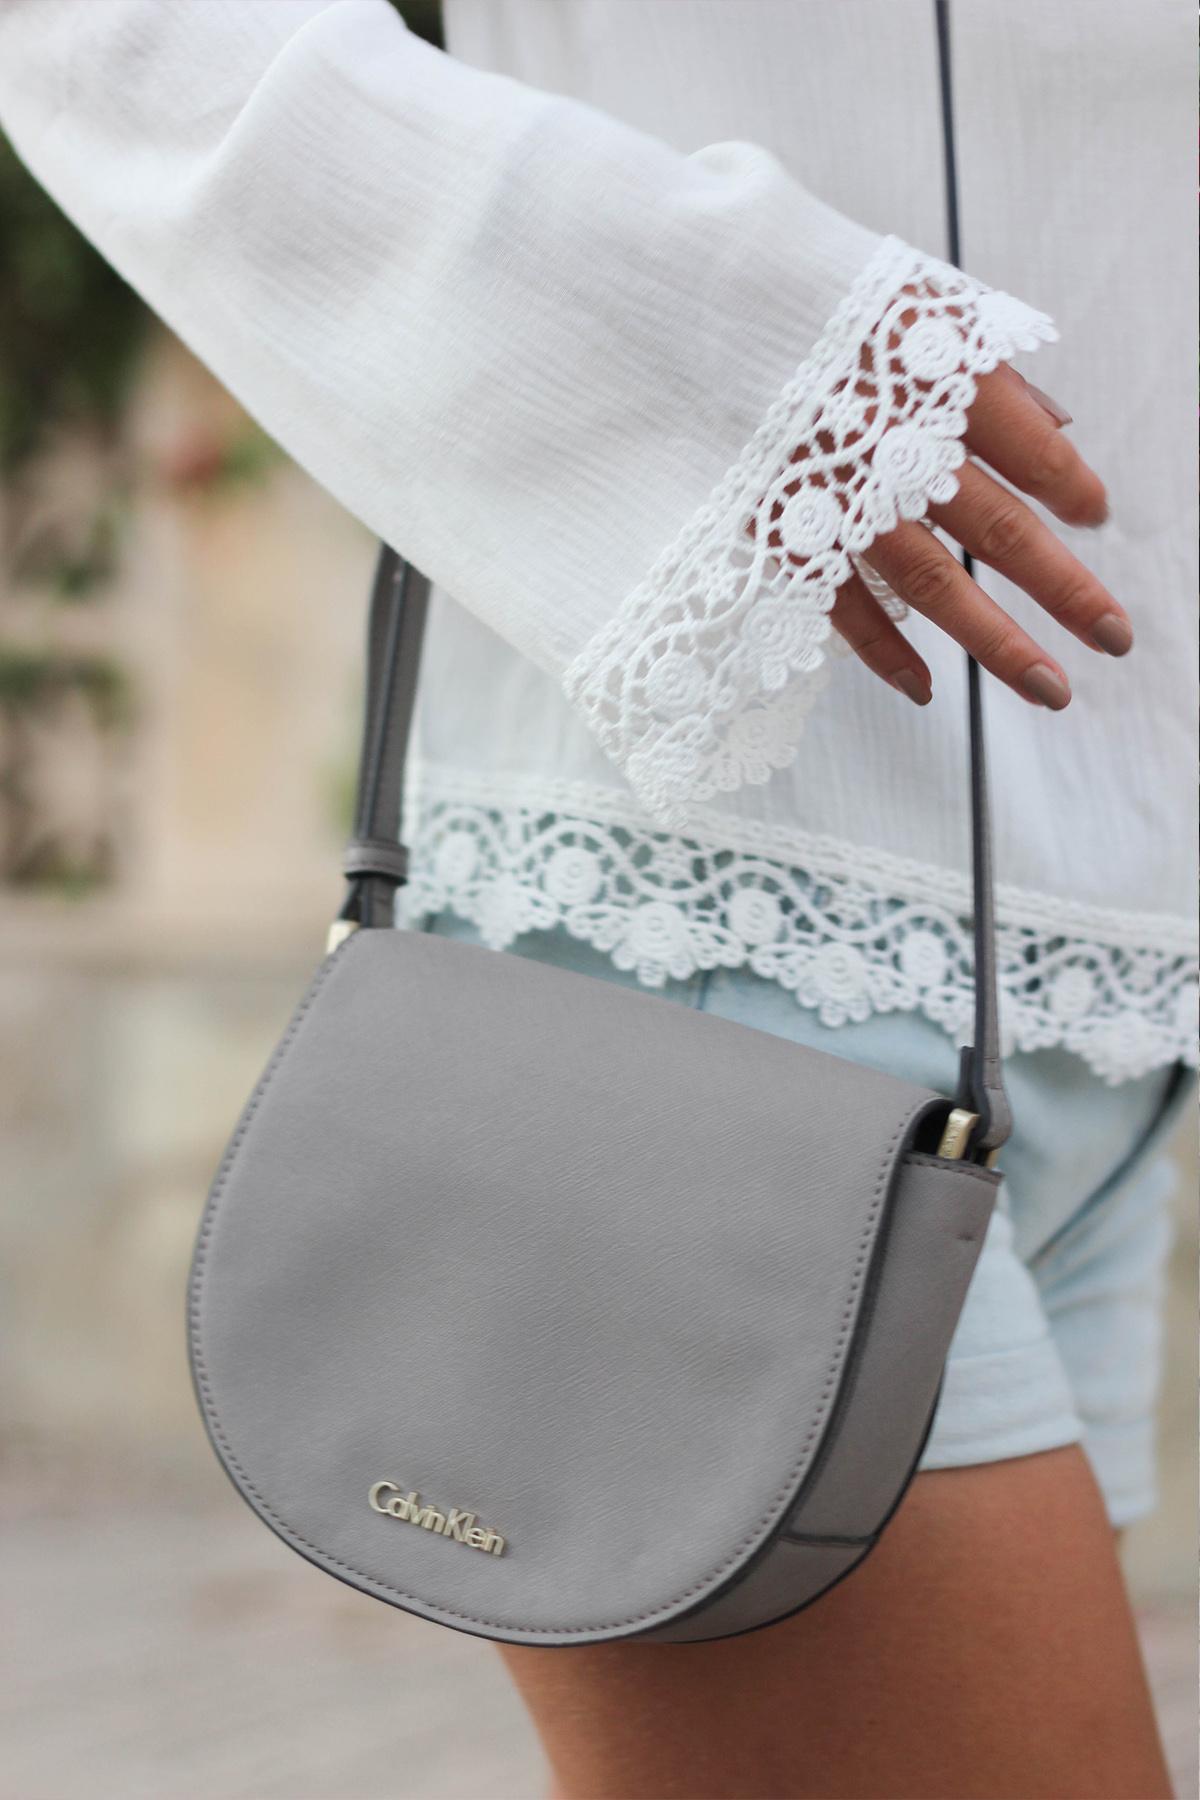 outfit-mallorca-calvin-klein-bag